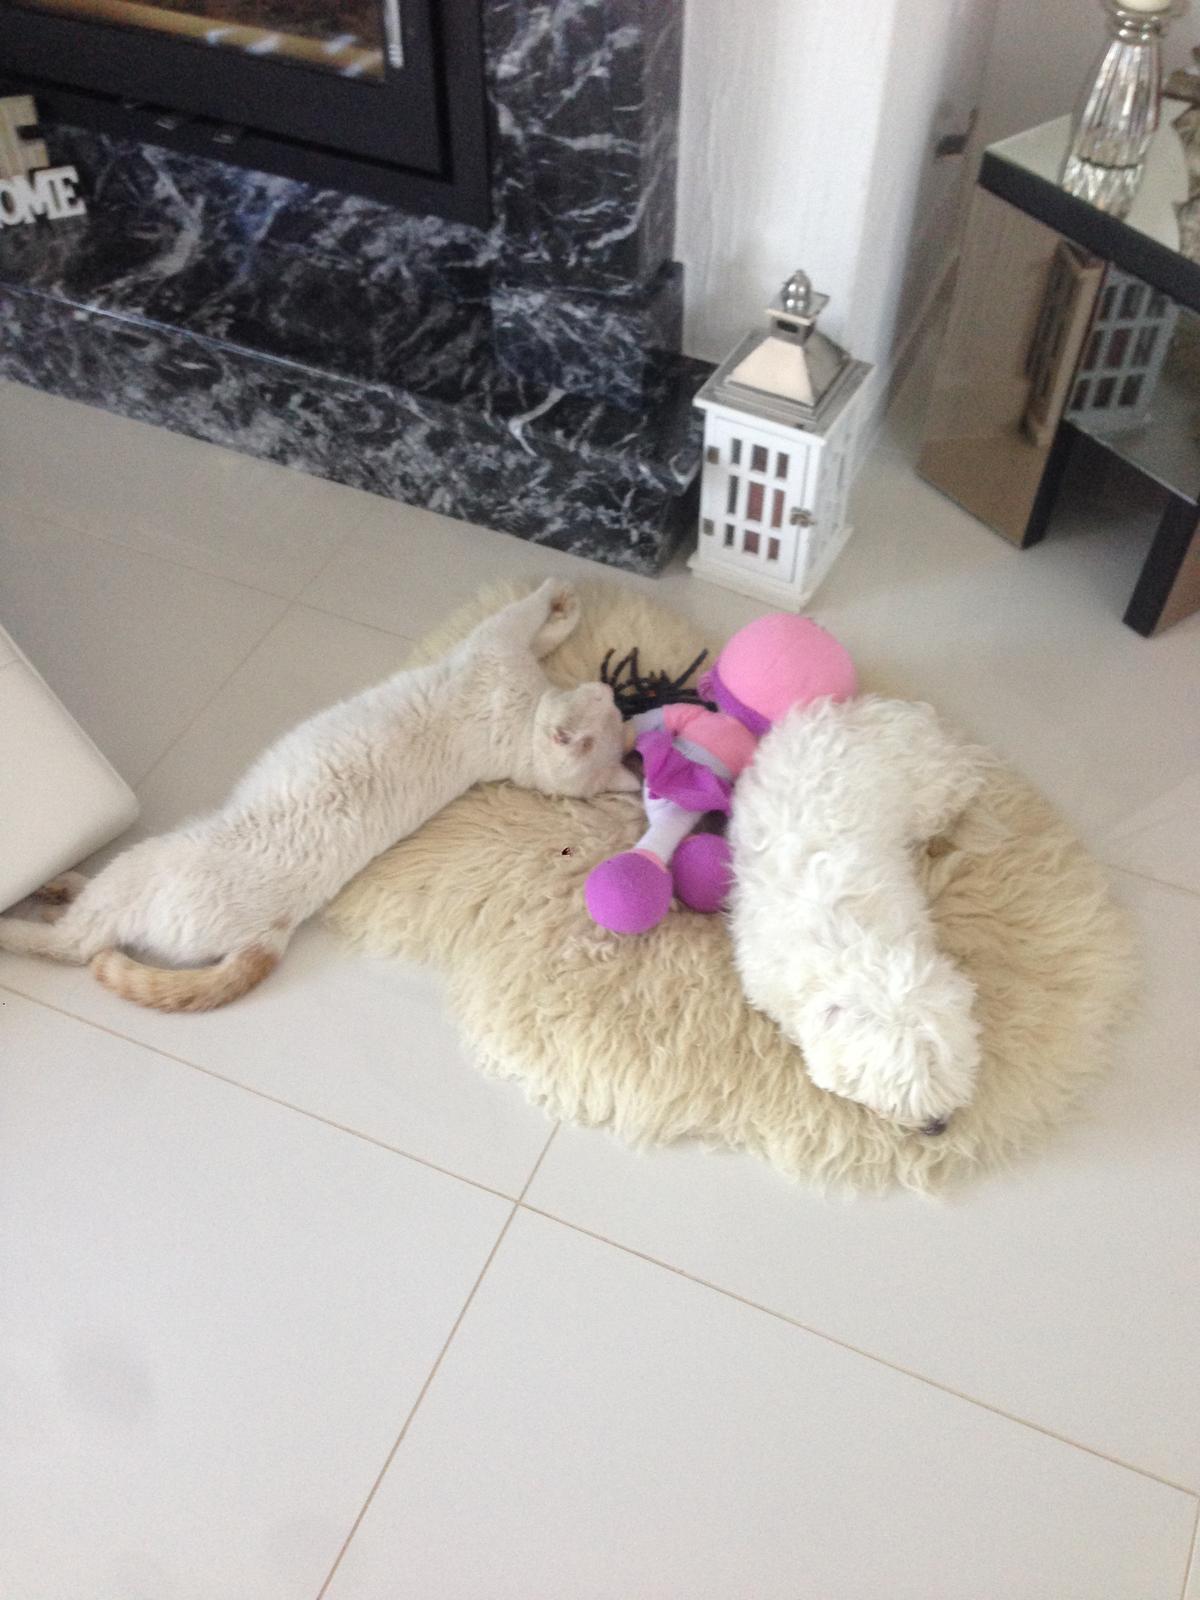 Nas zverinec - dve fenky,jeden pes a dvaja kocurikovia - Takto pekne spolu oddychuju - psik a kocurik